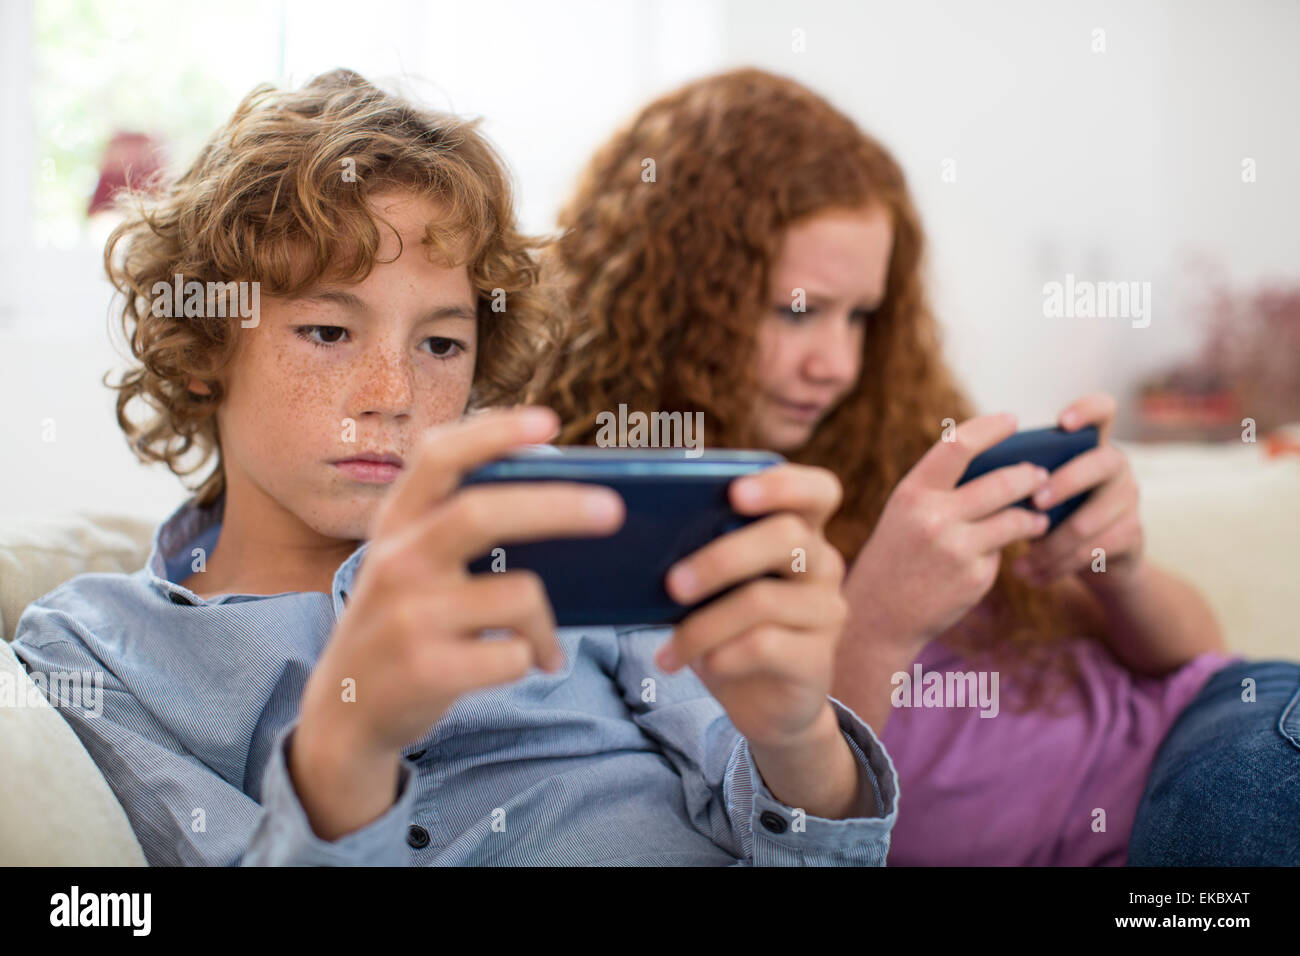 Frères et sœurs jouant avec l'ordinateur de poche sur le plateau de jeu Photo Stock